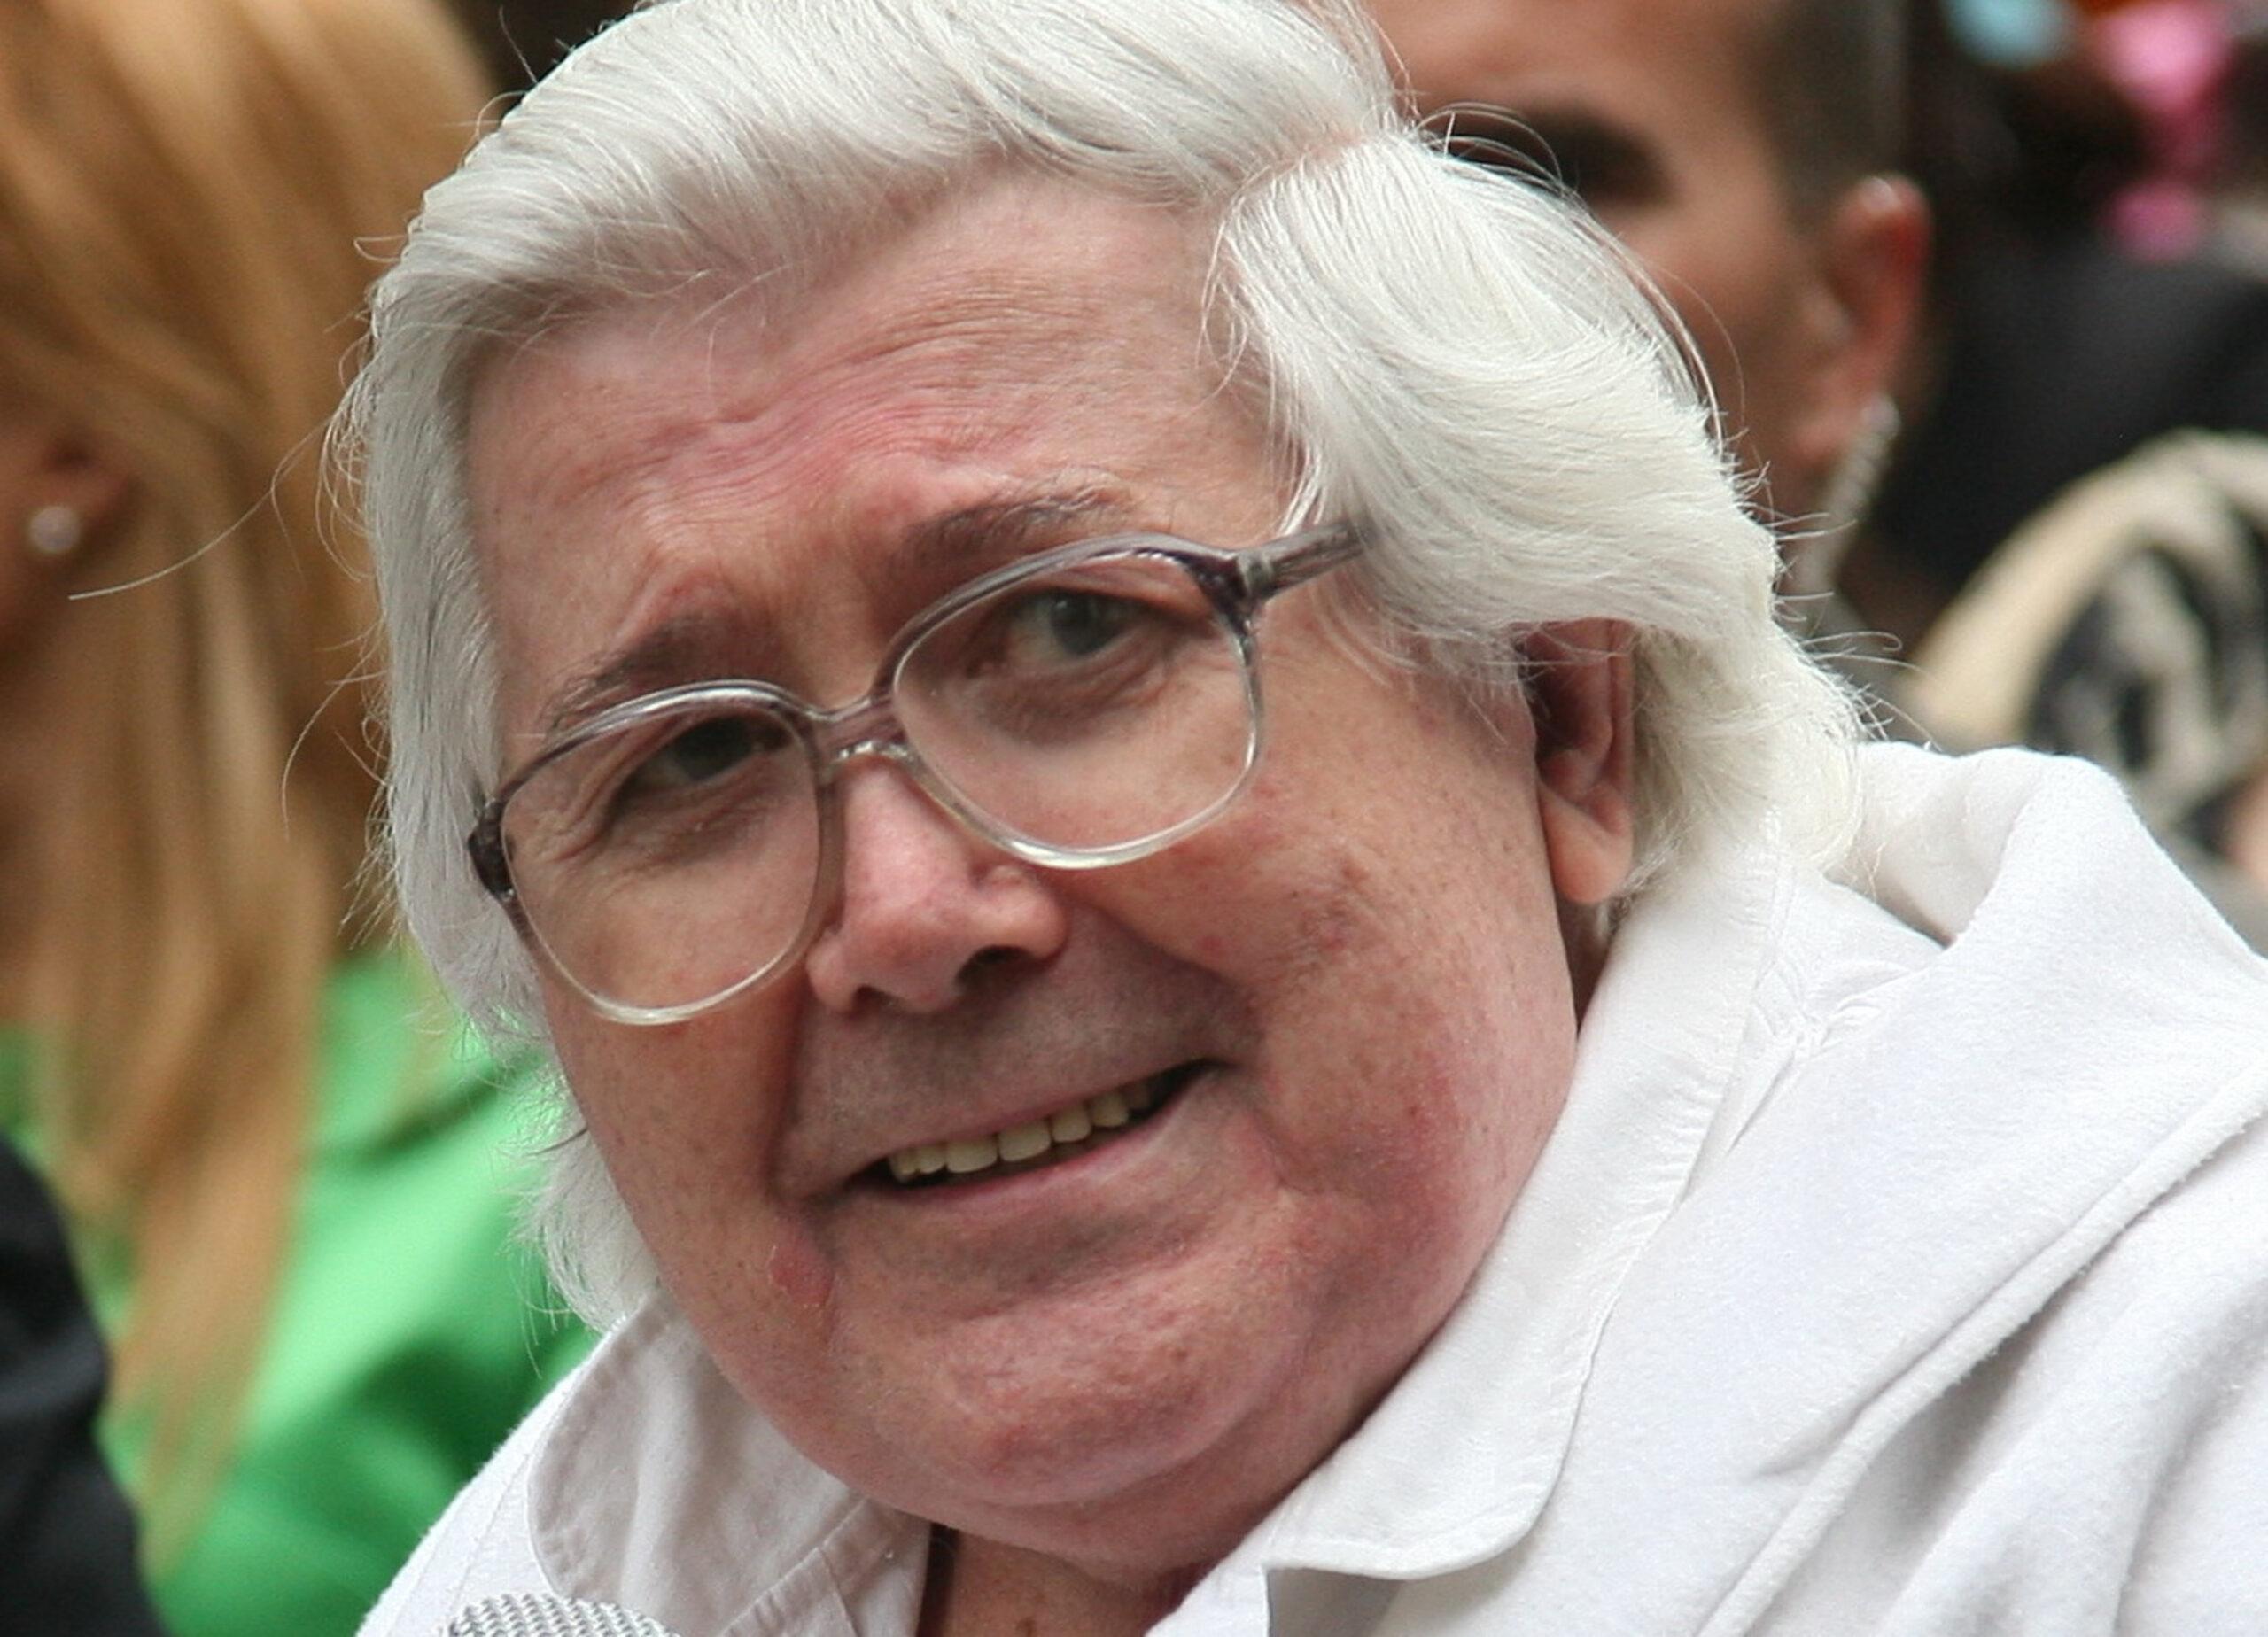 Profesorul Alexandru Pesamosca, medicul care a scris istorie în chirurgia pediatrică